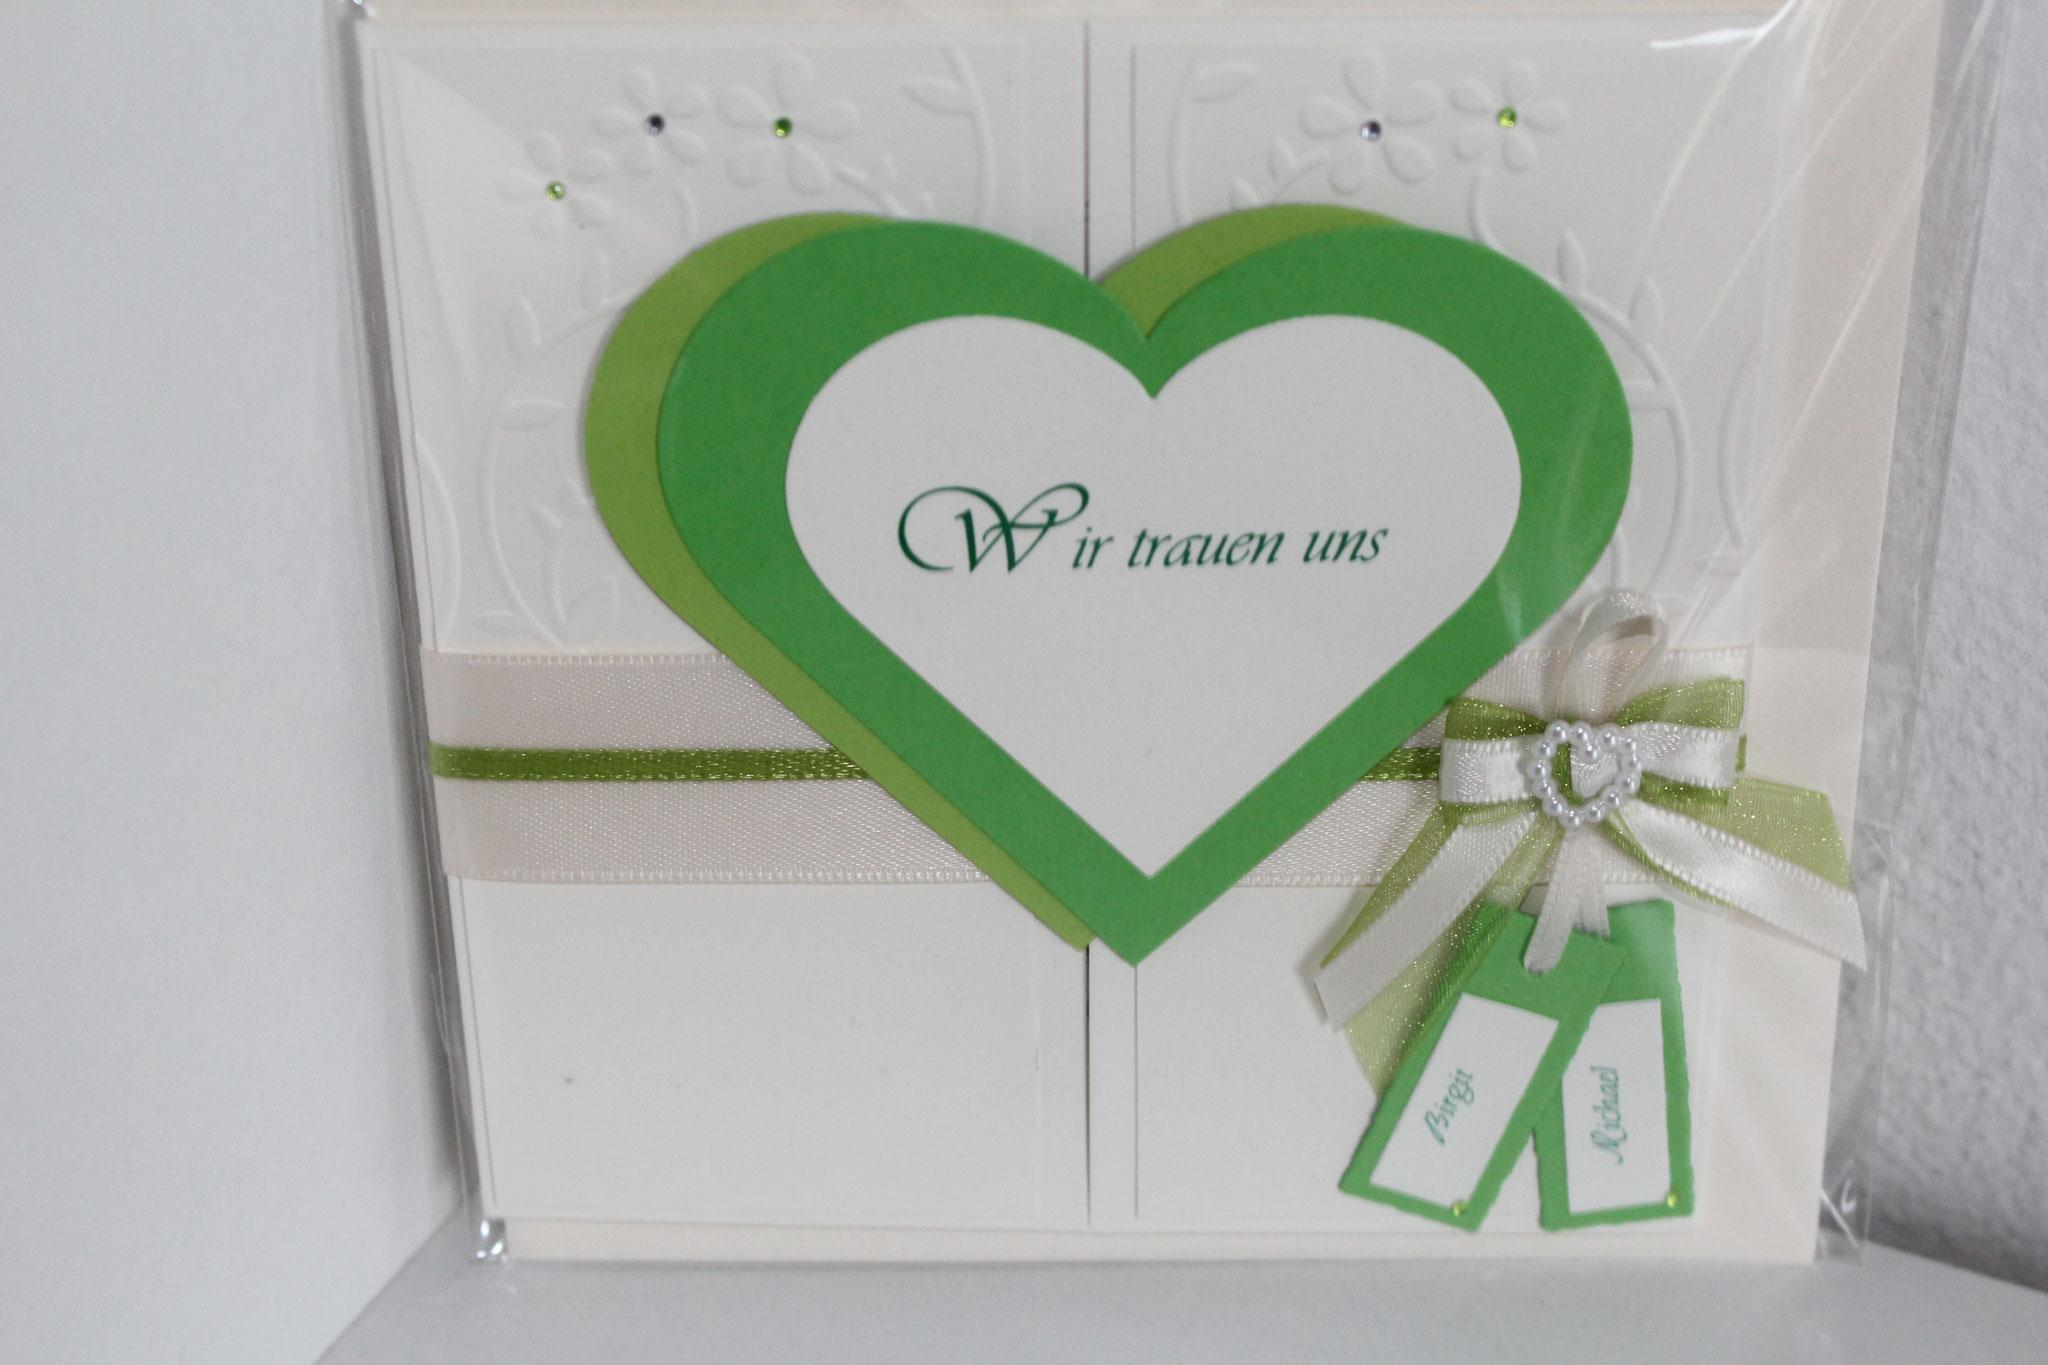 EH 4 mittig zum aufklappen. Auf Wunsch kann ein Foto auf die Herzinnenseite eingearbeitet werden. Anhänger mit den Vornamen des Brautpaares.